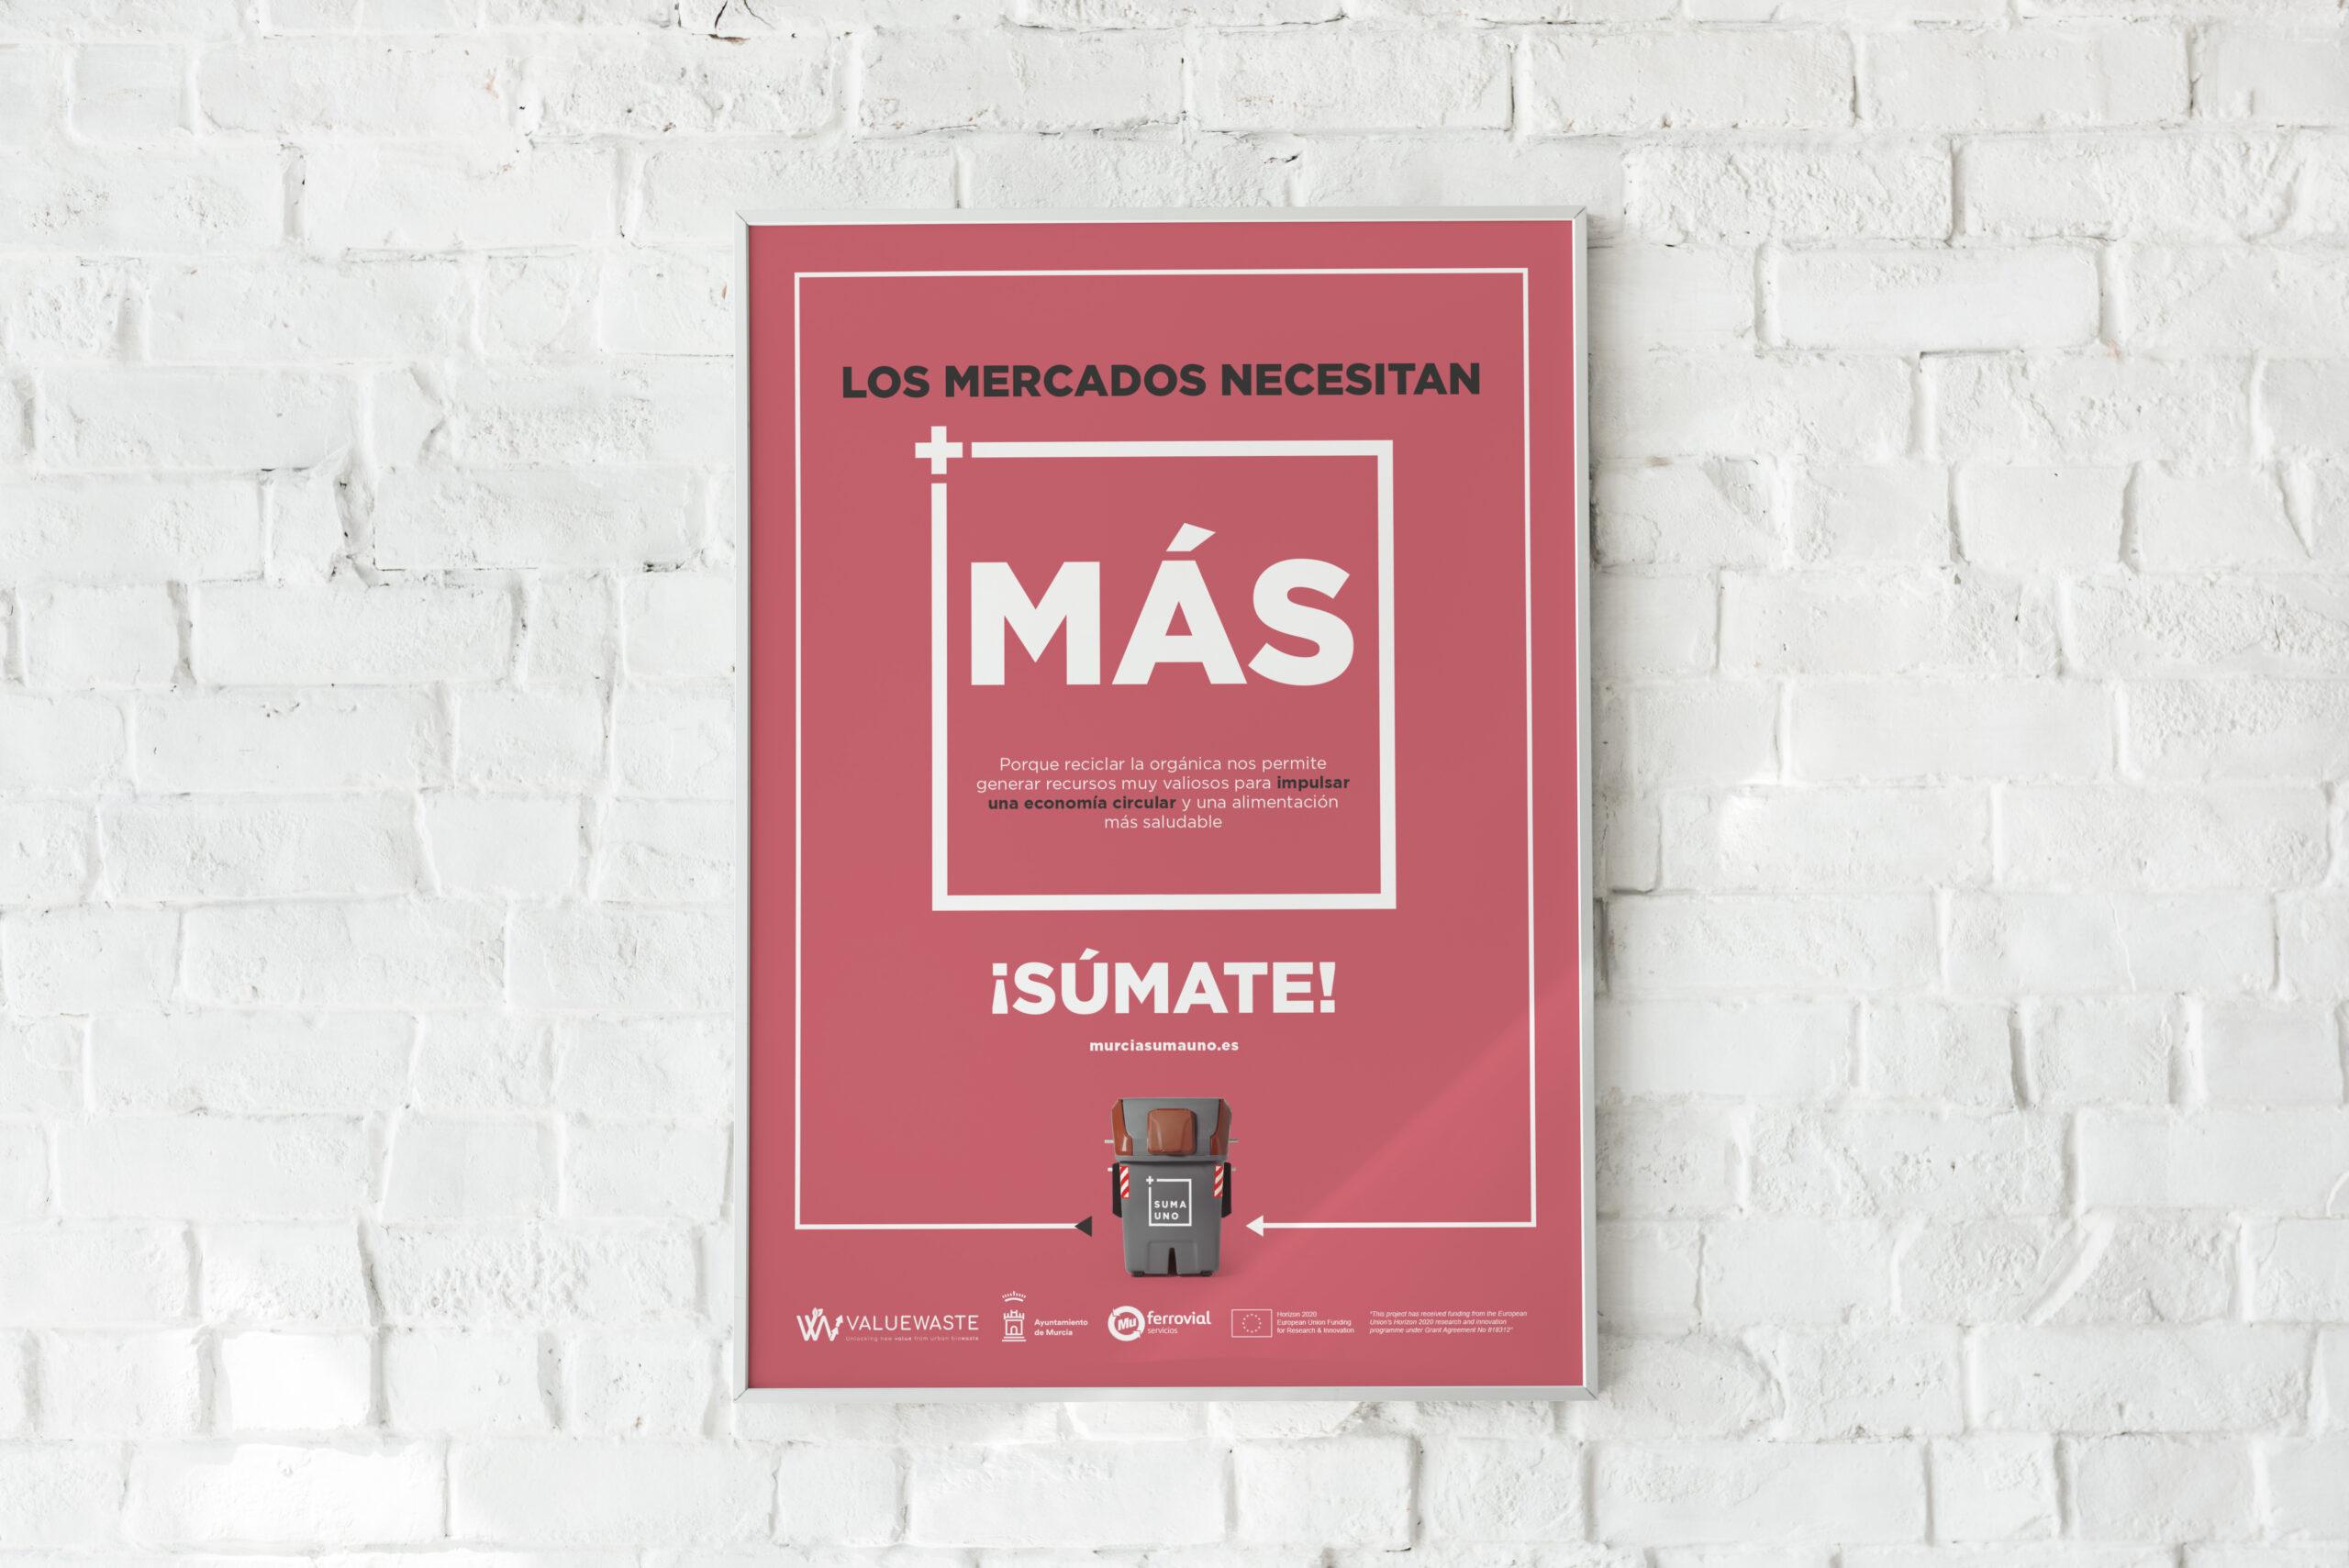 Murcia Ciudad Sostenible